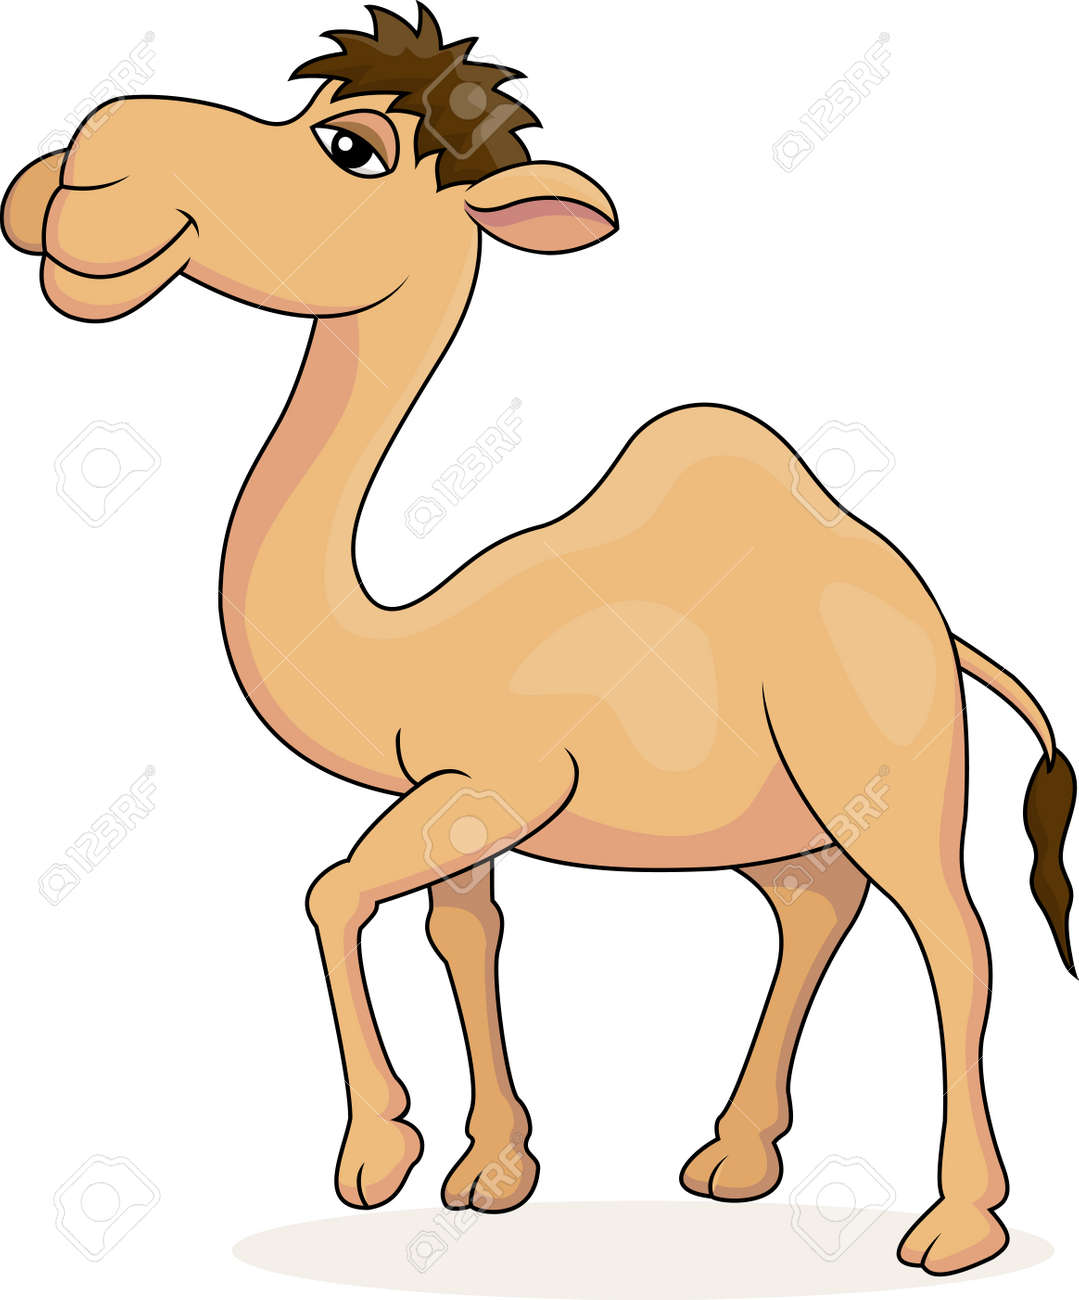 illustration of Camel cartoon